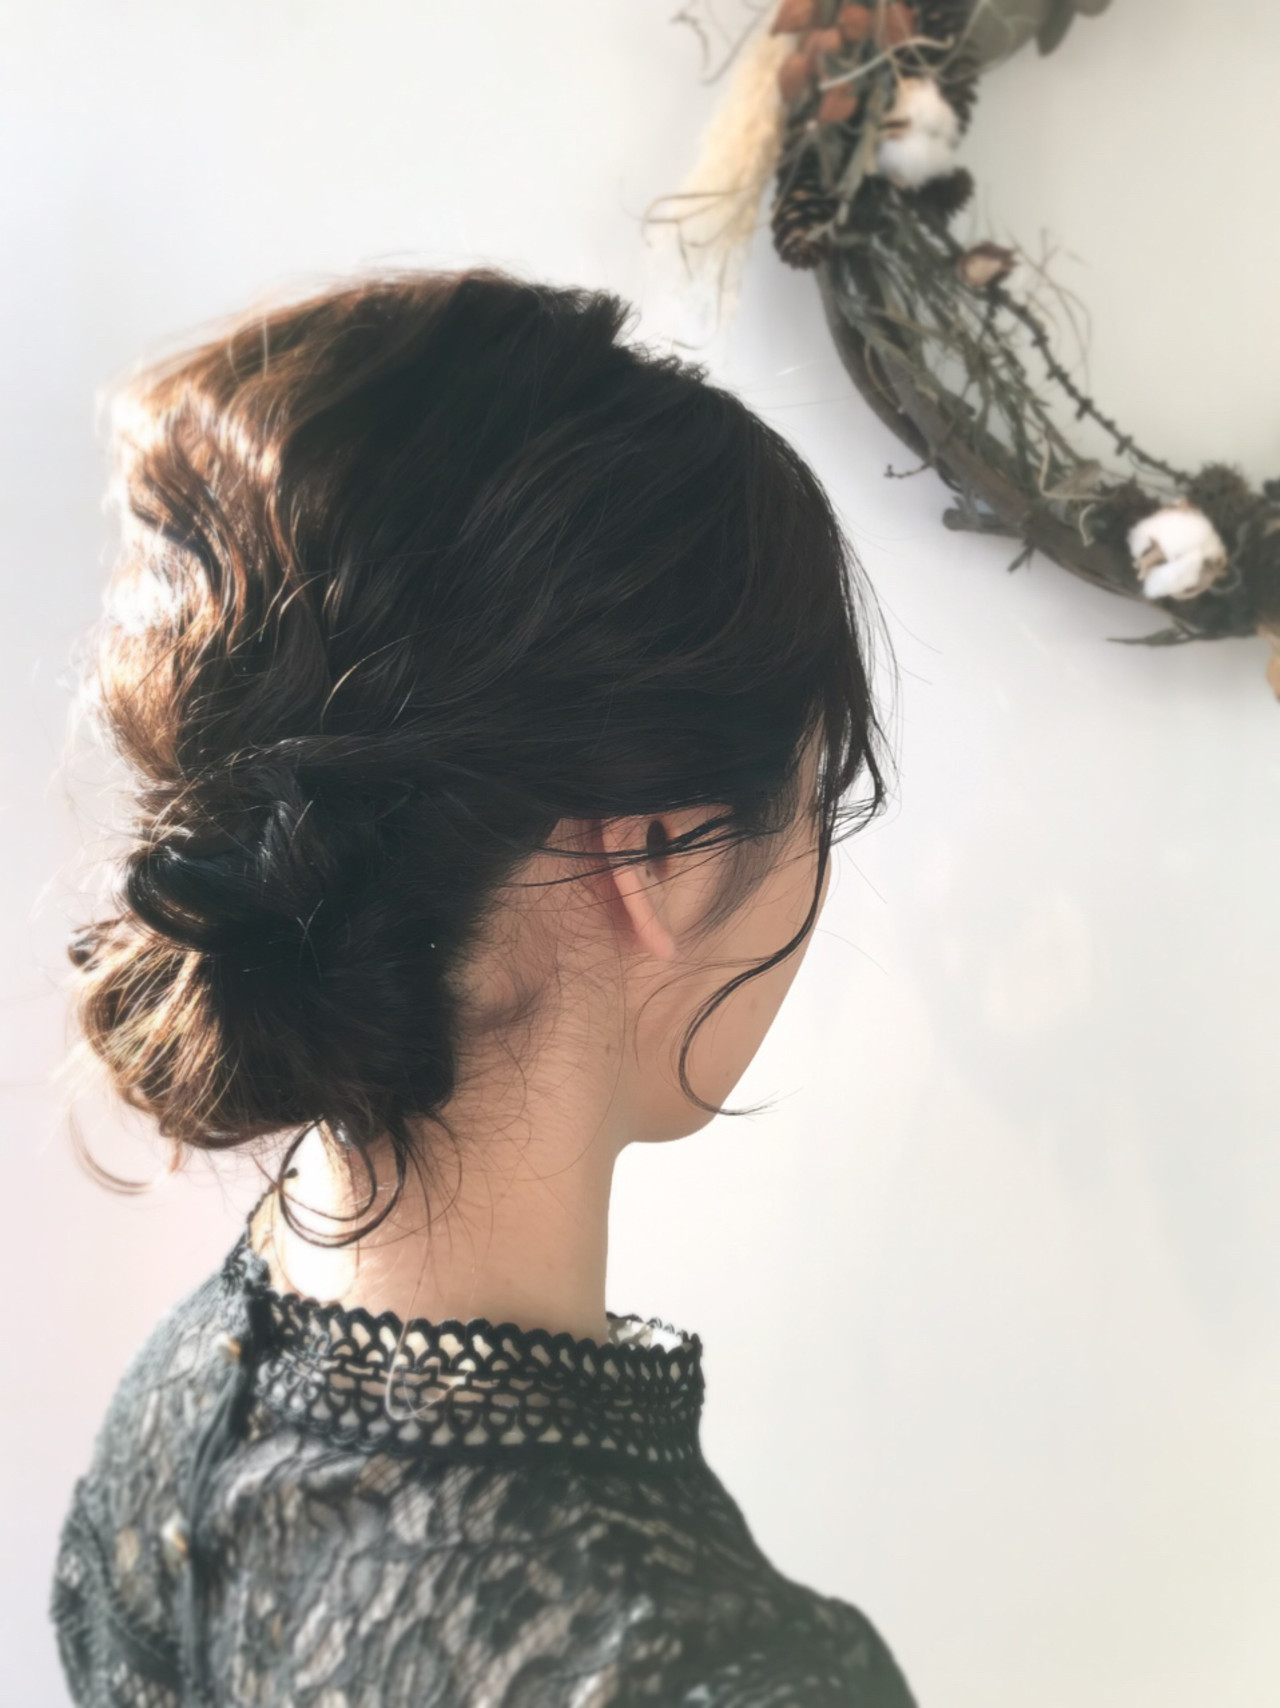 ミディアム アンニュイほつれヘア ヘアアレンジ 成人式 ヘアスタイルや髪型の写真・画像